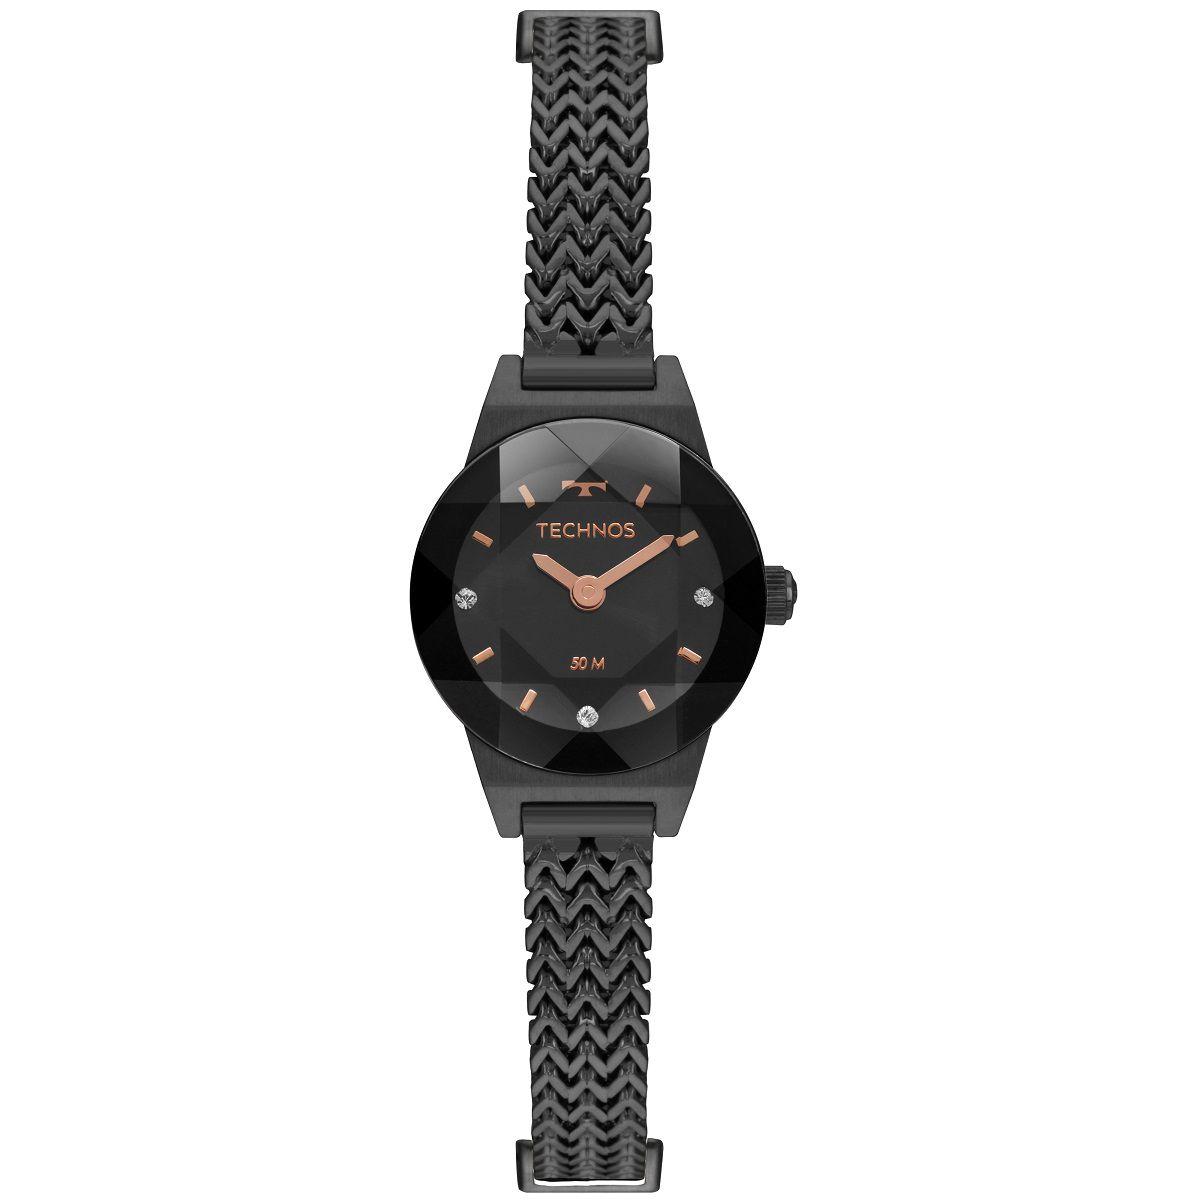 Relógio Feminino Technos Elegance Mini 5Y20IT/4P 21mm Aço Preto